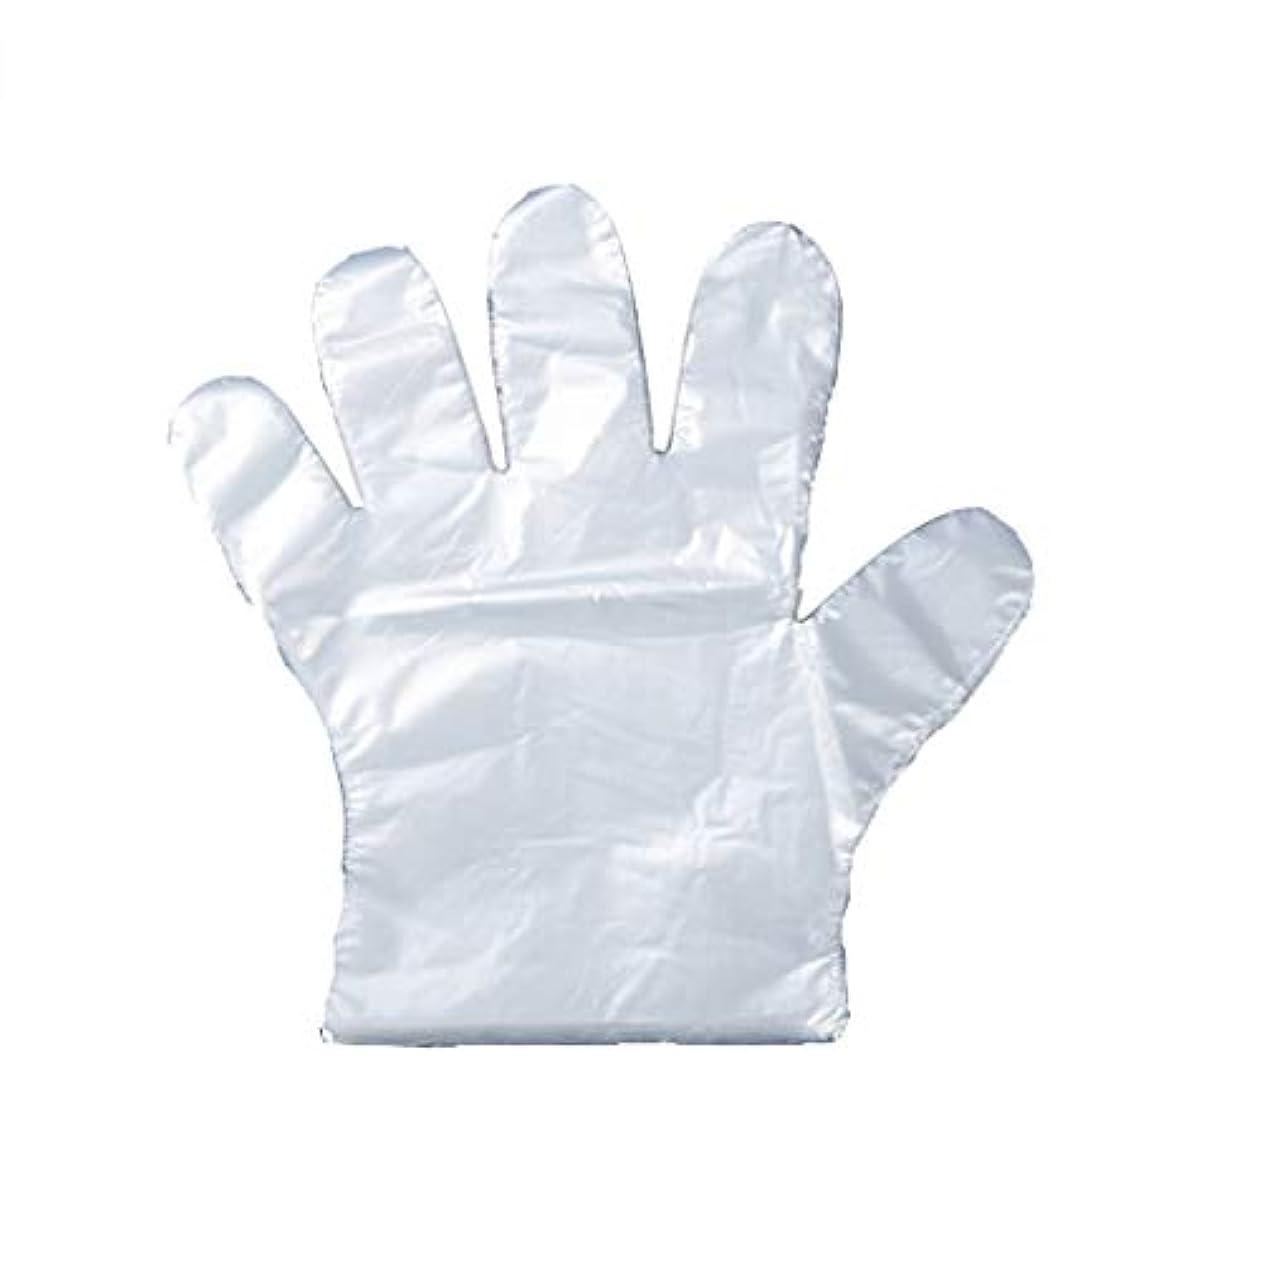 ファイター増強する運命手袋の使い捨て手袋のフィルム家庭用キッチンの食品は、透明PEプラスチック手袋100パッケージを厚くした (UnitCount : 200)